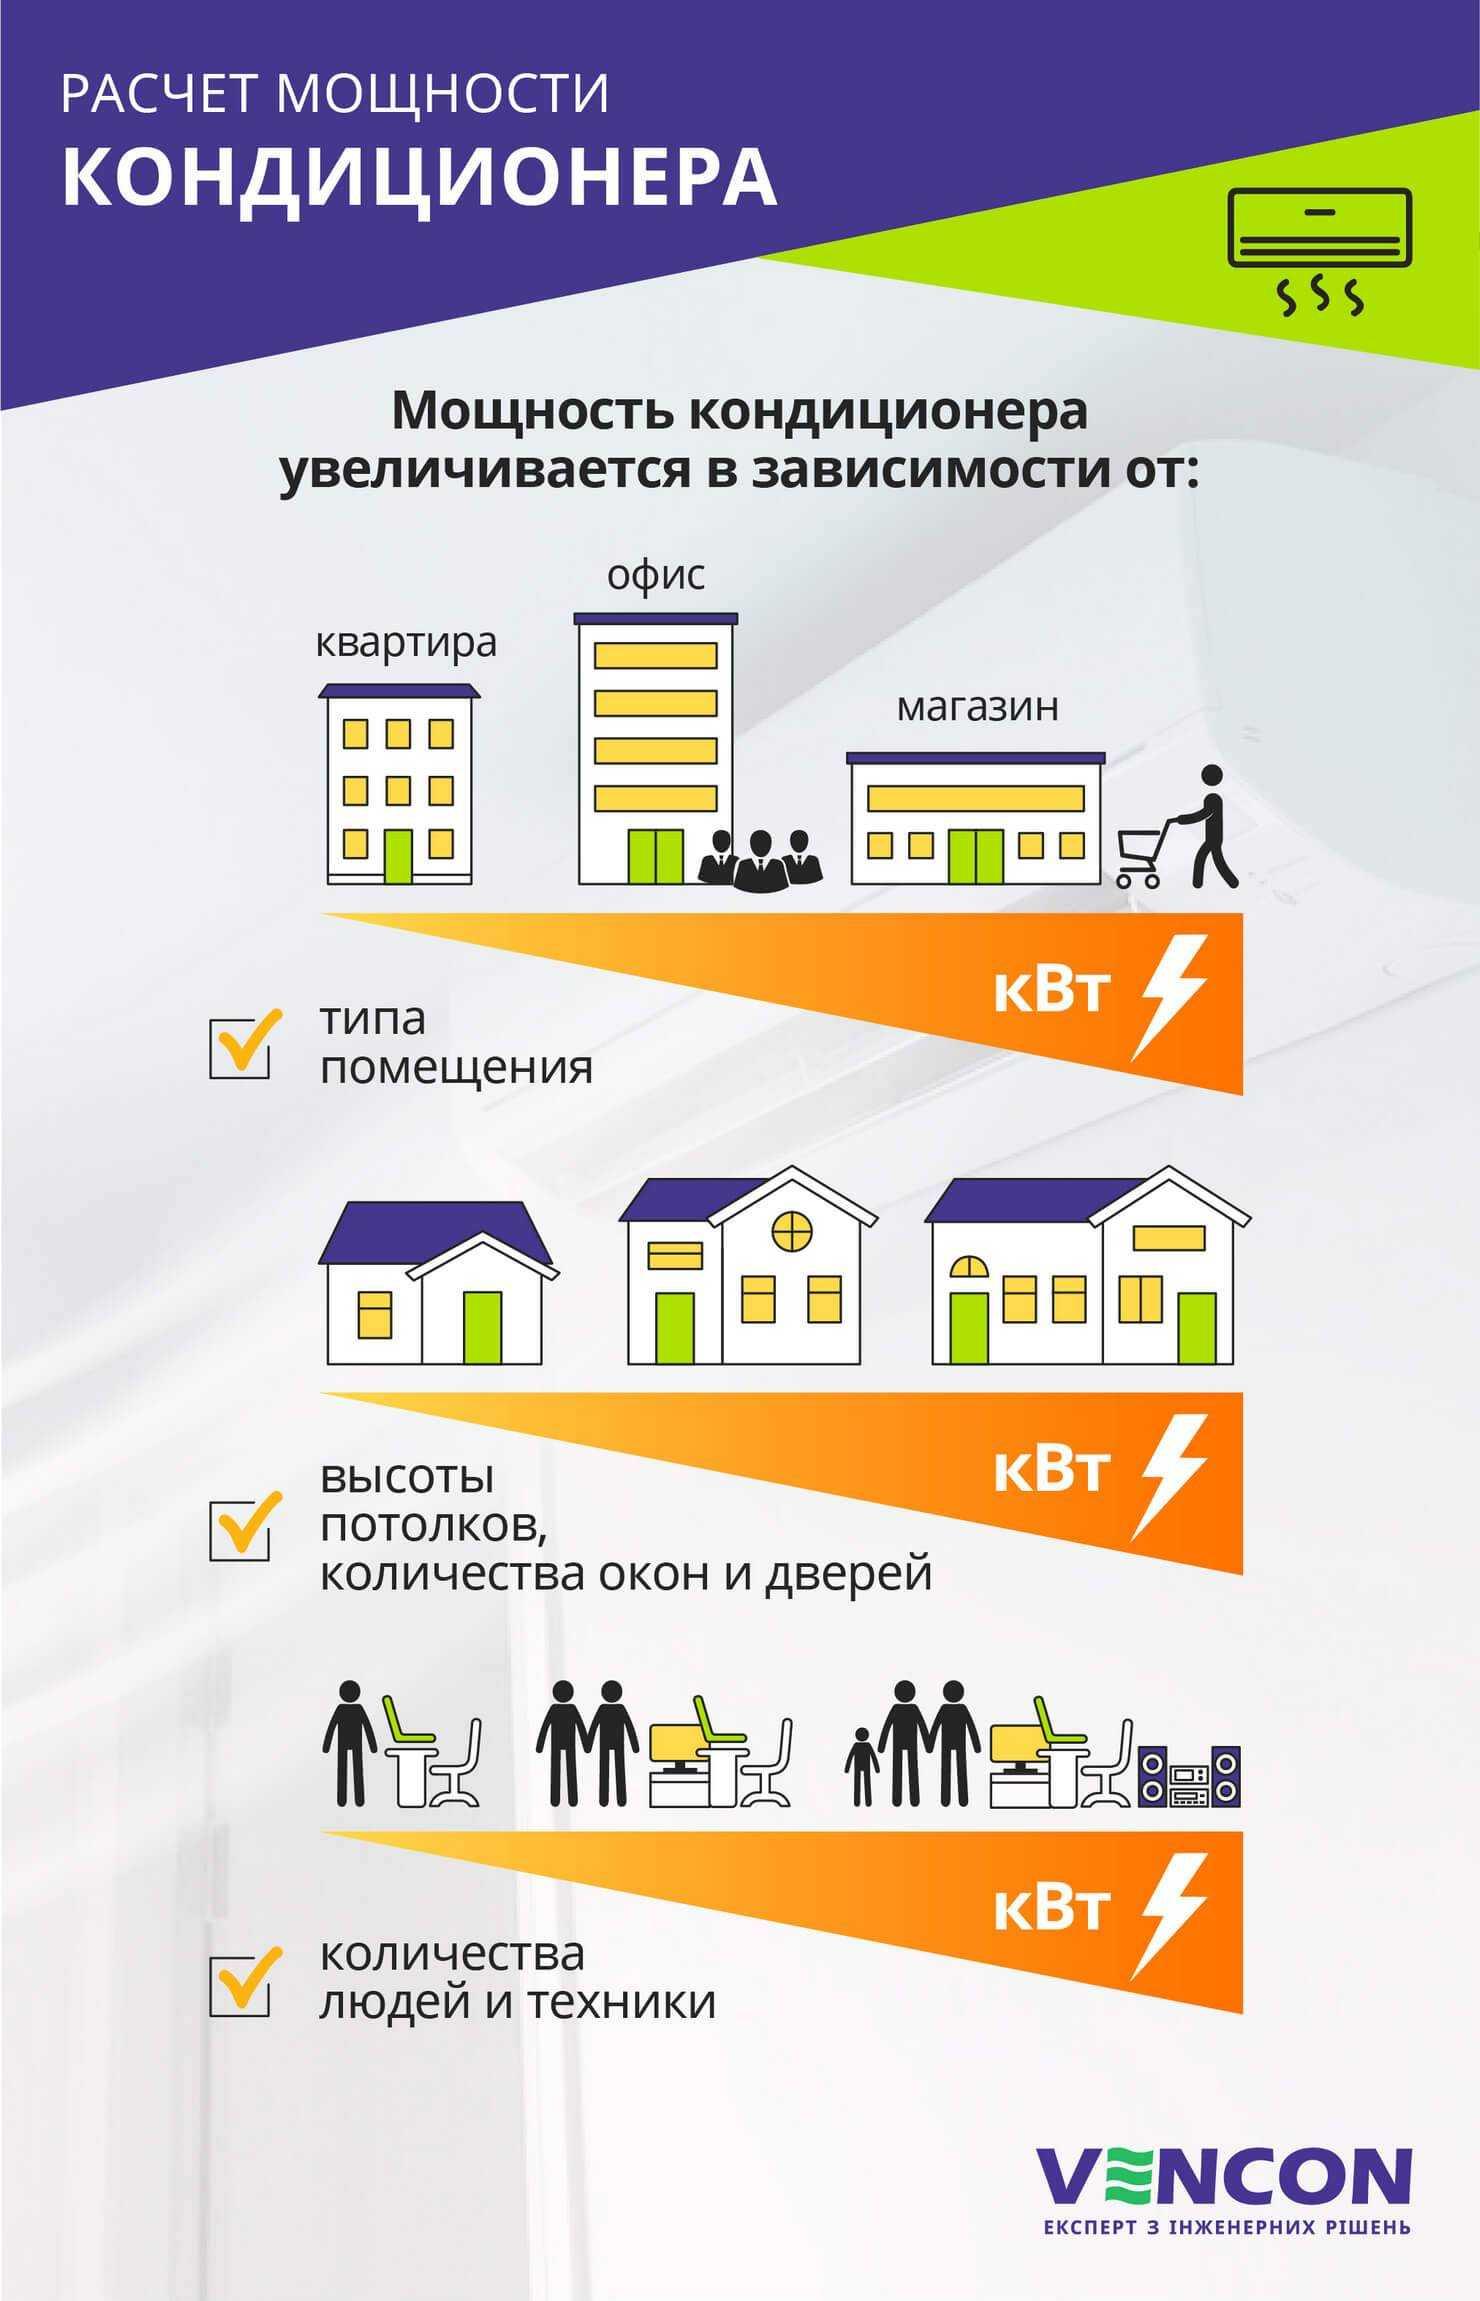 Как правильно выбрать кондиционер для квартиры или дома